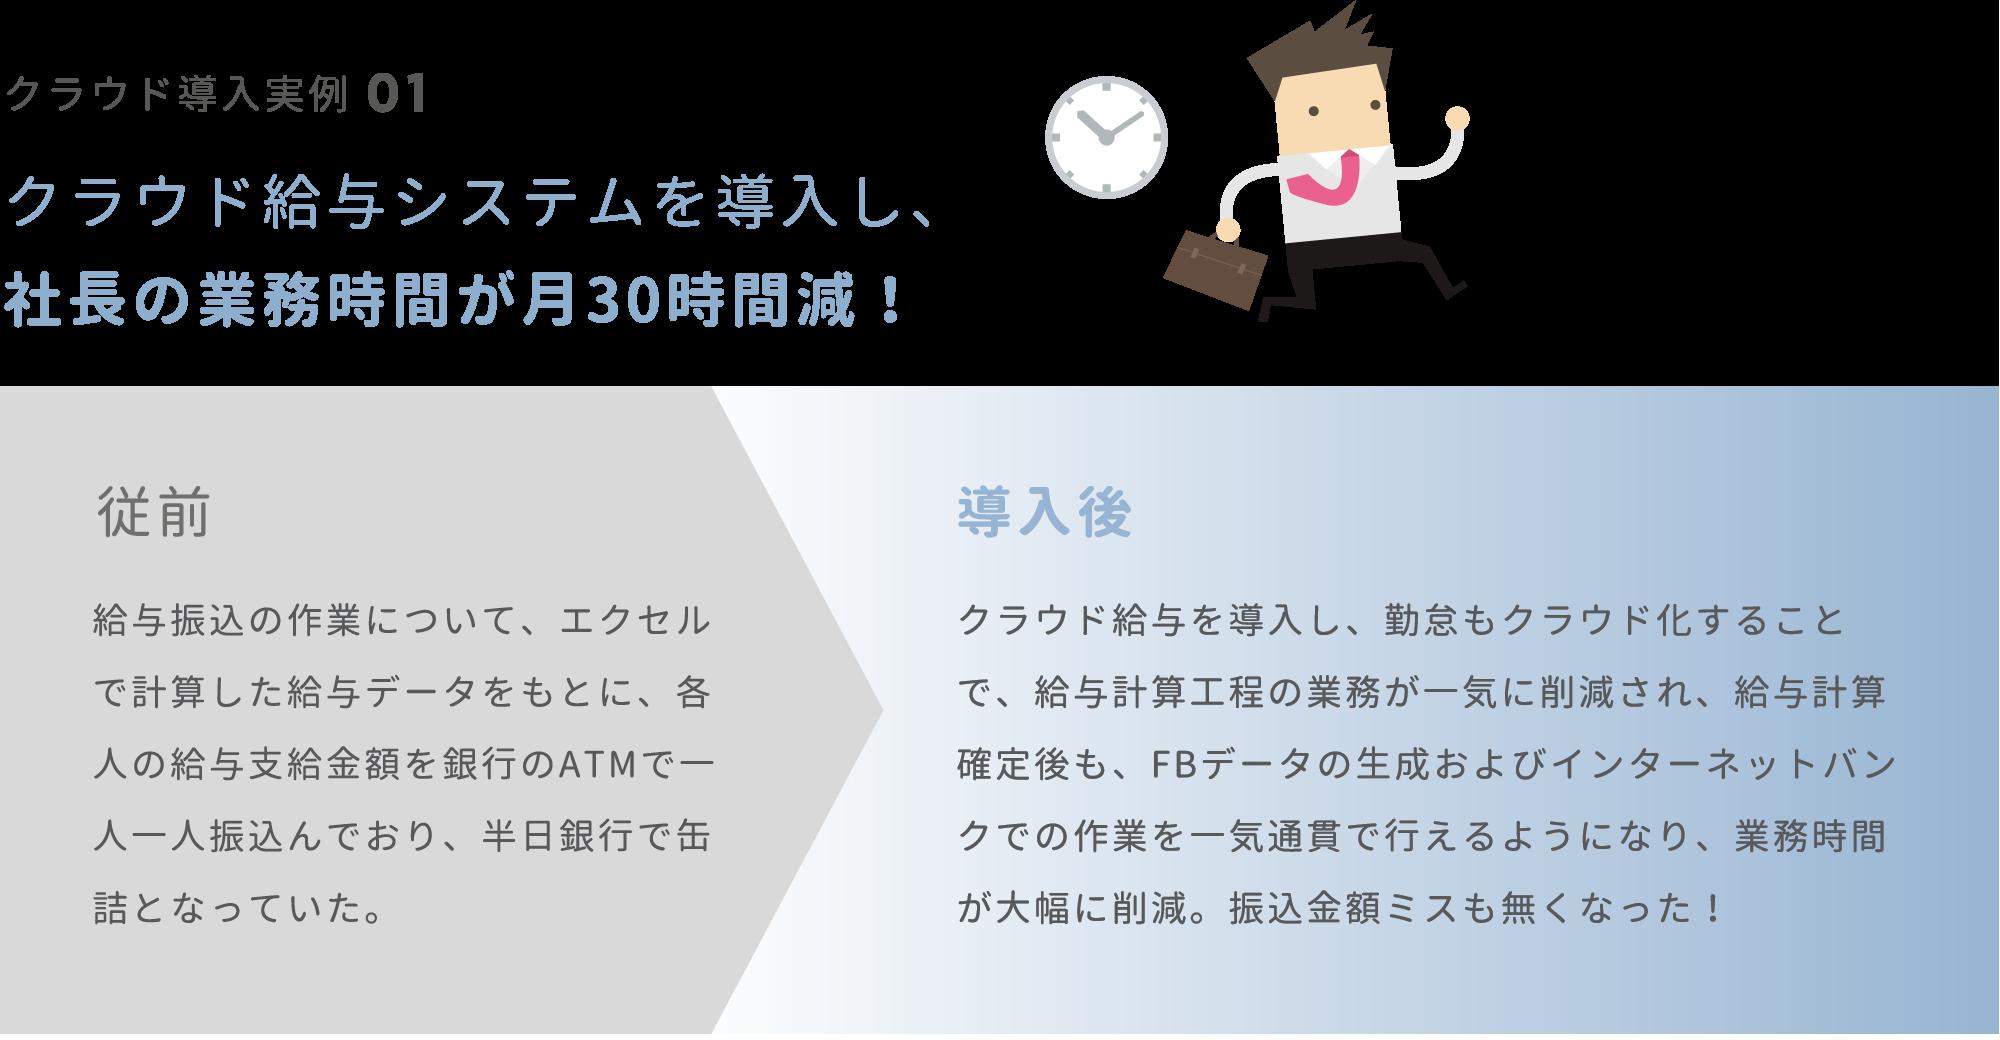 クラウド給与システムを導入し、社長の業務時間が月30時間減!:従前 / 給与振込の作業について、エクセルで計算した給与データをもとに、各人の給与支給金額を銀行のATMで一人一人振込んでおり、半日銀行で缶詰となっていた。:導入後 / クラウド給与を導入し、勤怠もクラウド化することで、給与計算工程の業務が一気に削減され、給与計算確定後も、FBデータの生成およびインターネットバンクでの作業を一気通貫で行えるようになり、業務時間が大幅に削減。振込金額ミスも無くなった!